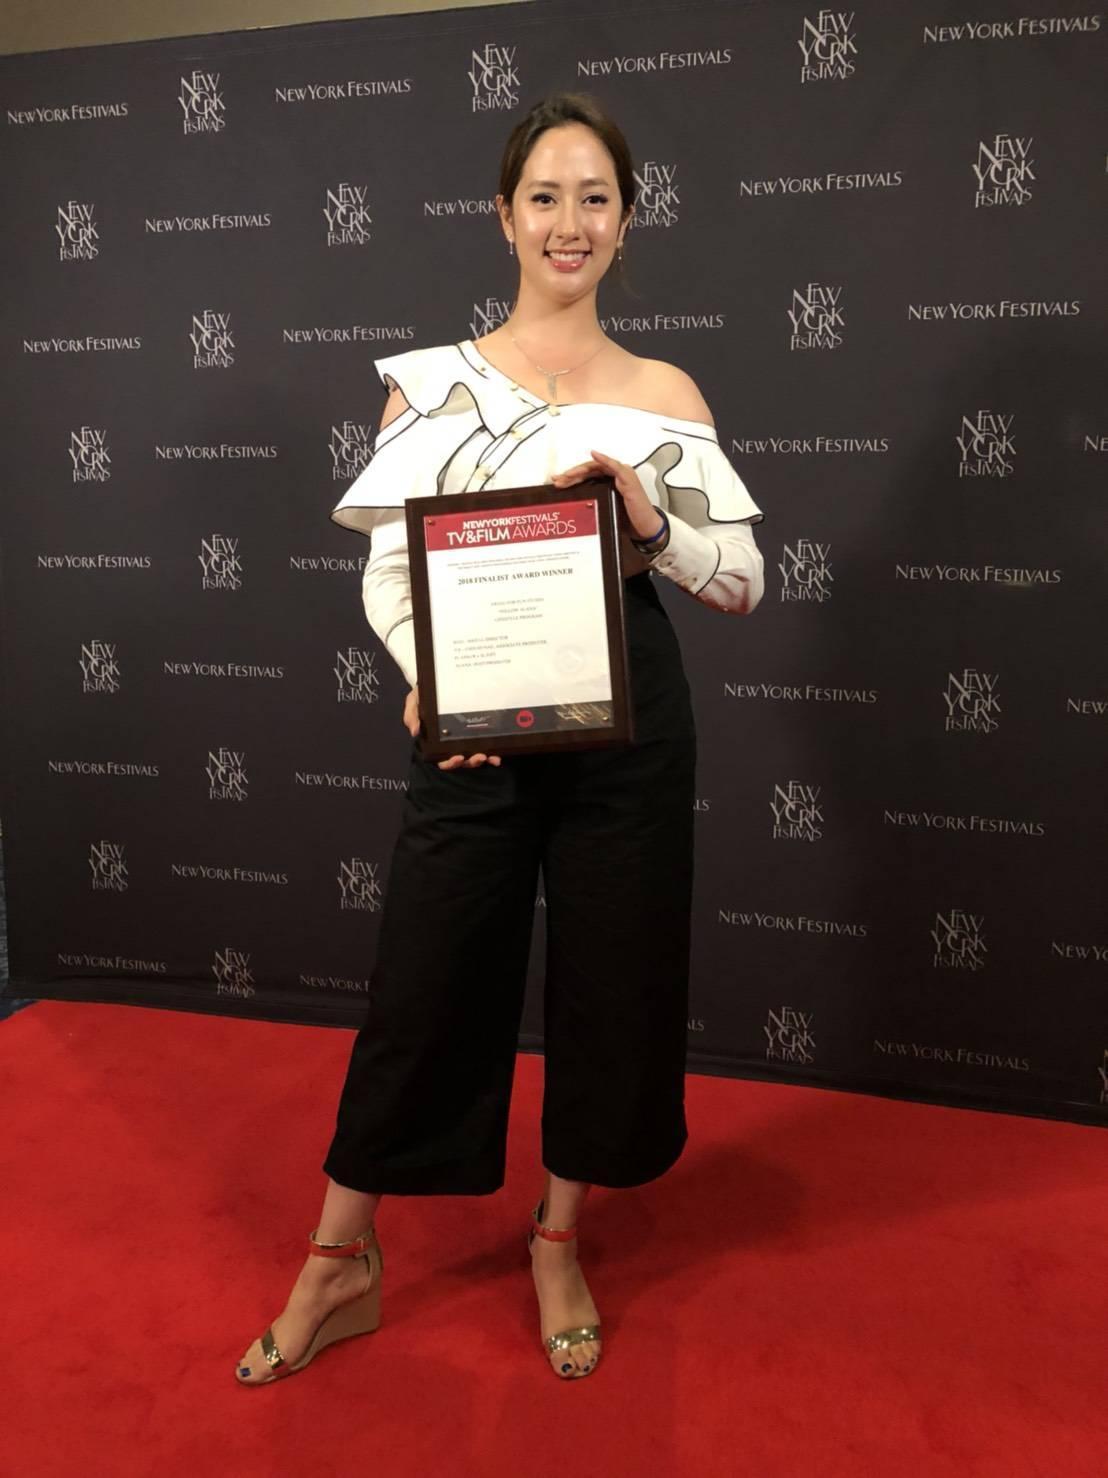 NYF Award 得獎照Alana